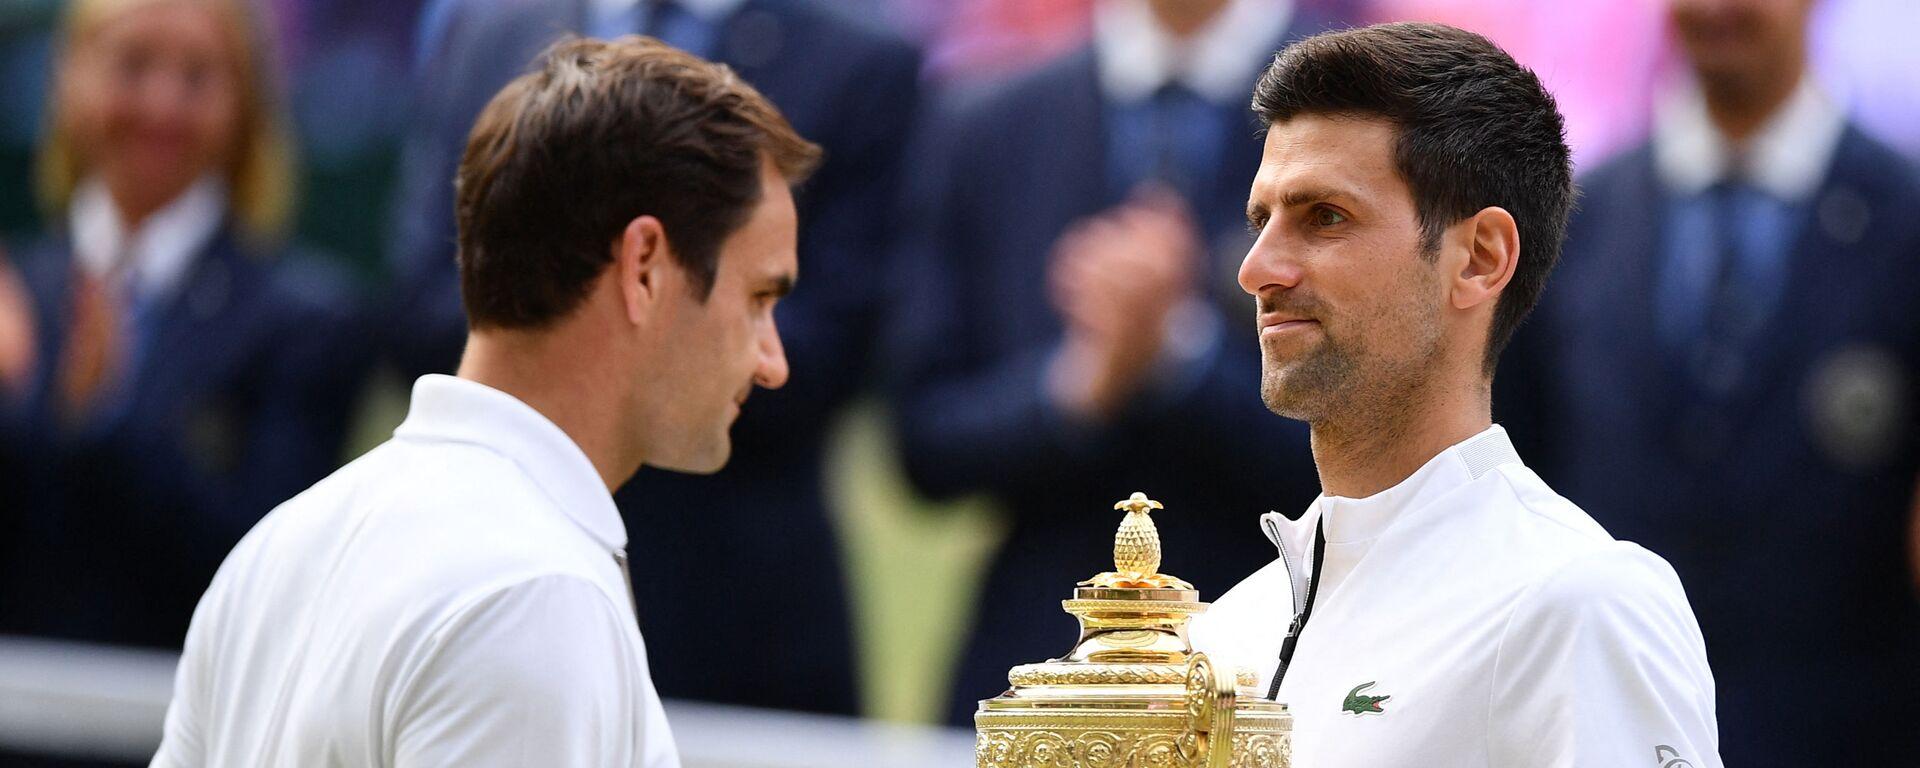 Rodžer Federer i Novak Đoković posle finala Vimbldona 2019. godine - Sputnik Srbija, 1920